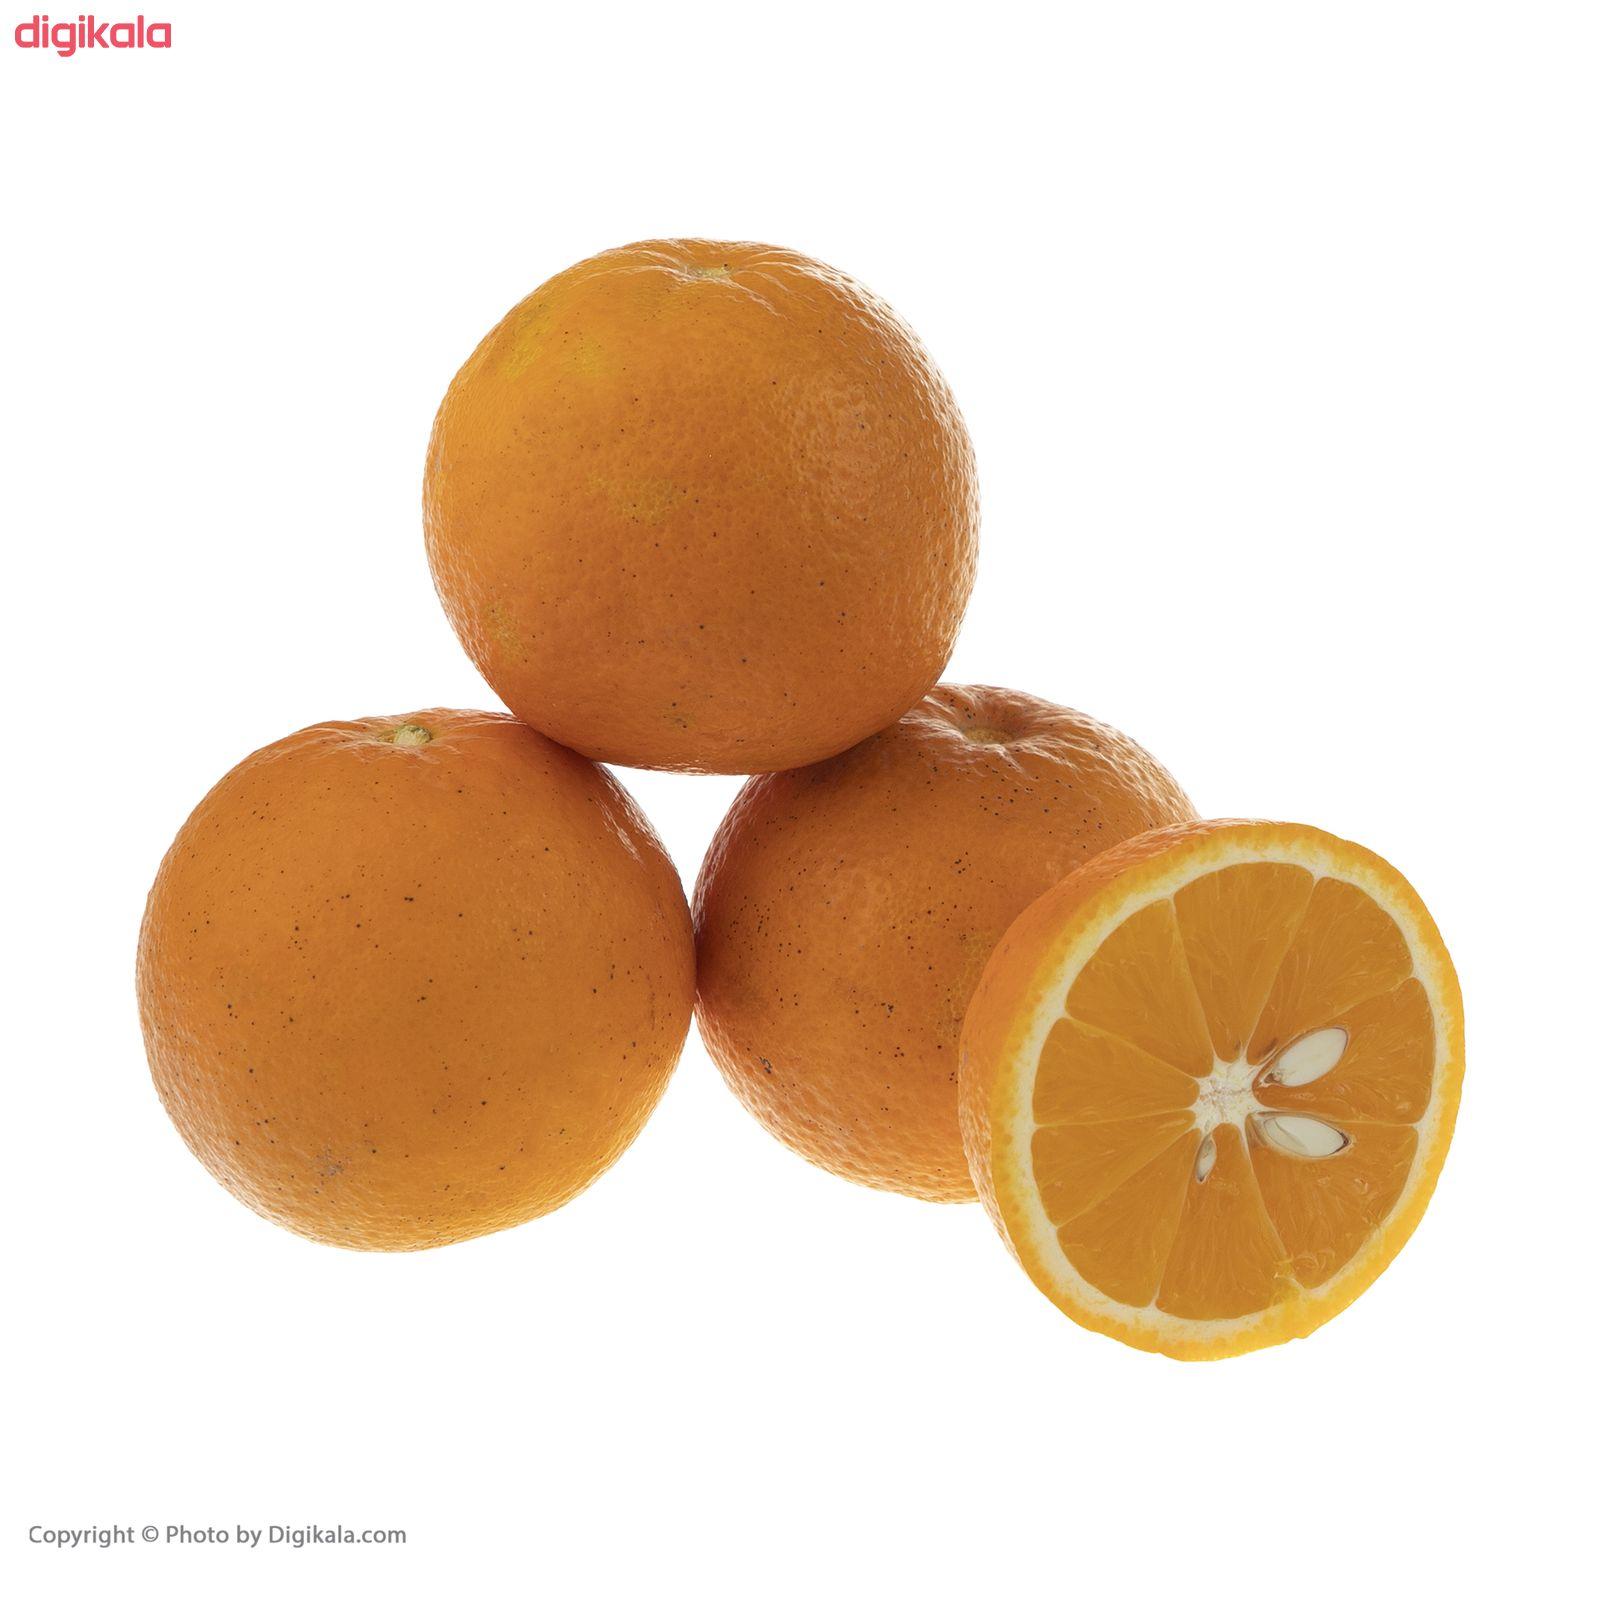 پرتقال رسمی شمال آبگیری بلوط - 1 کیلوگرم  main 1 4